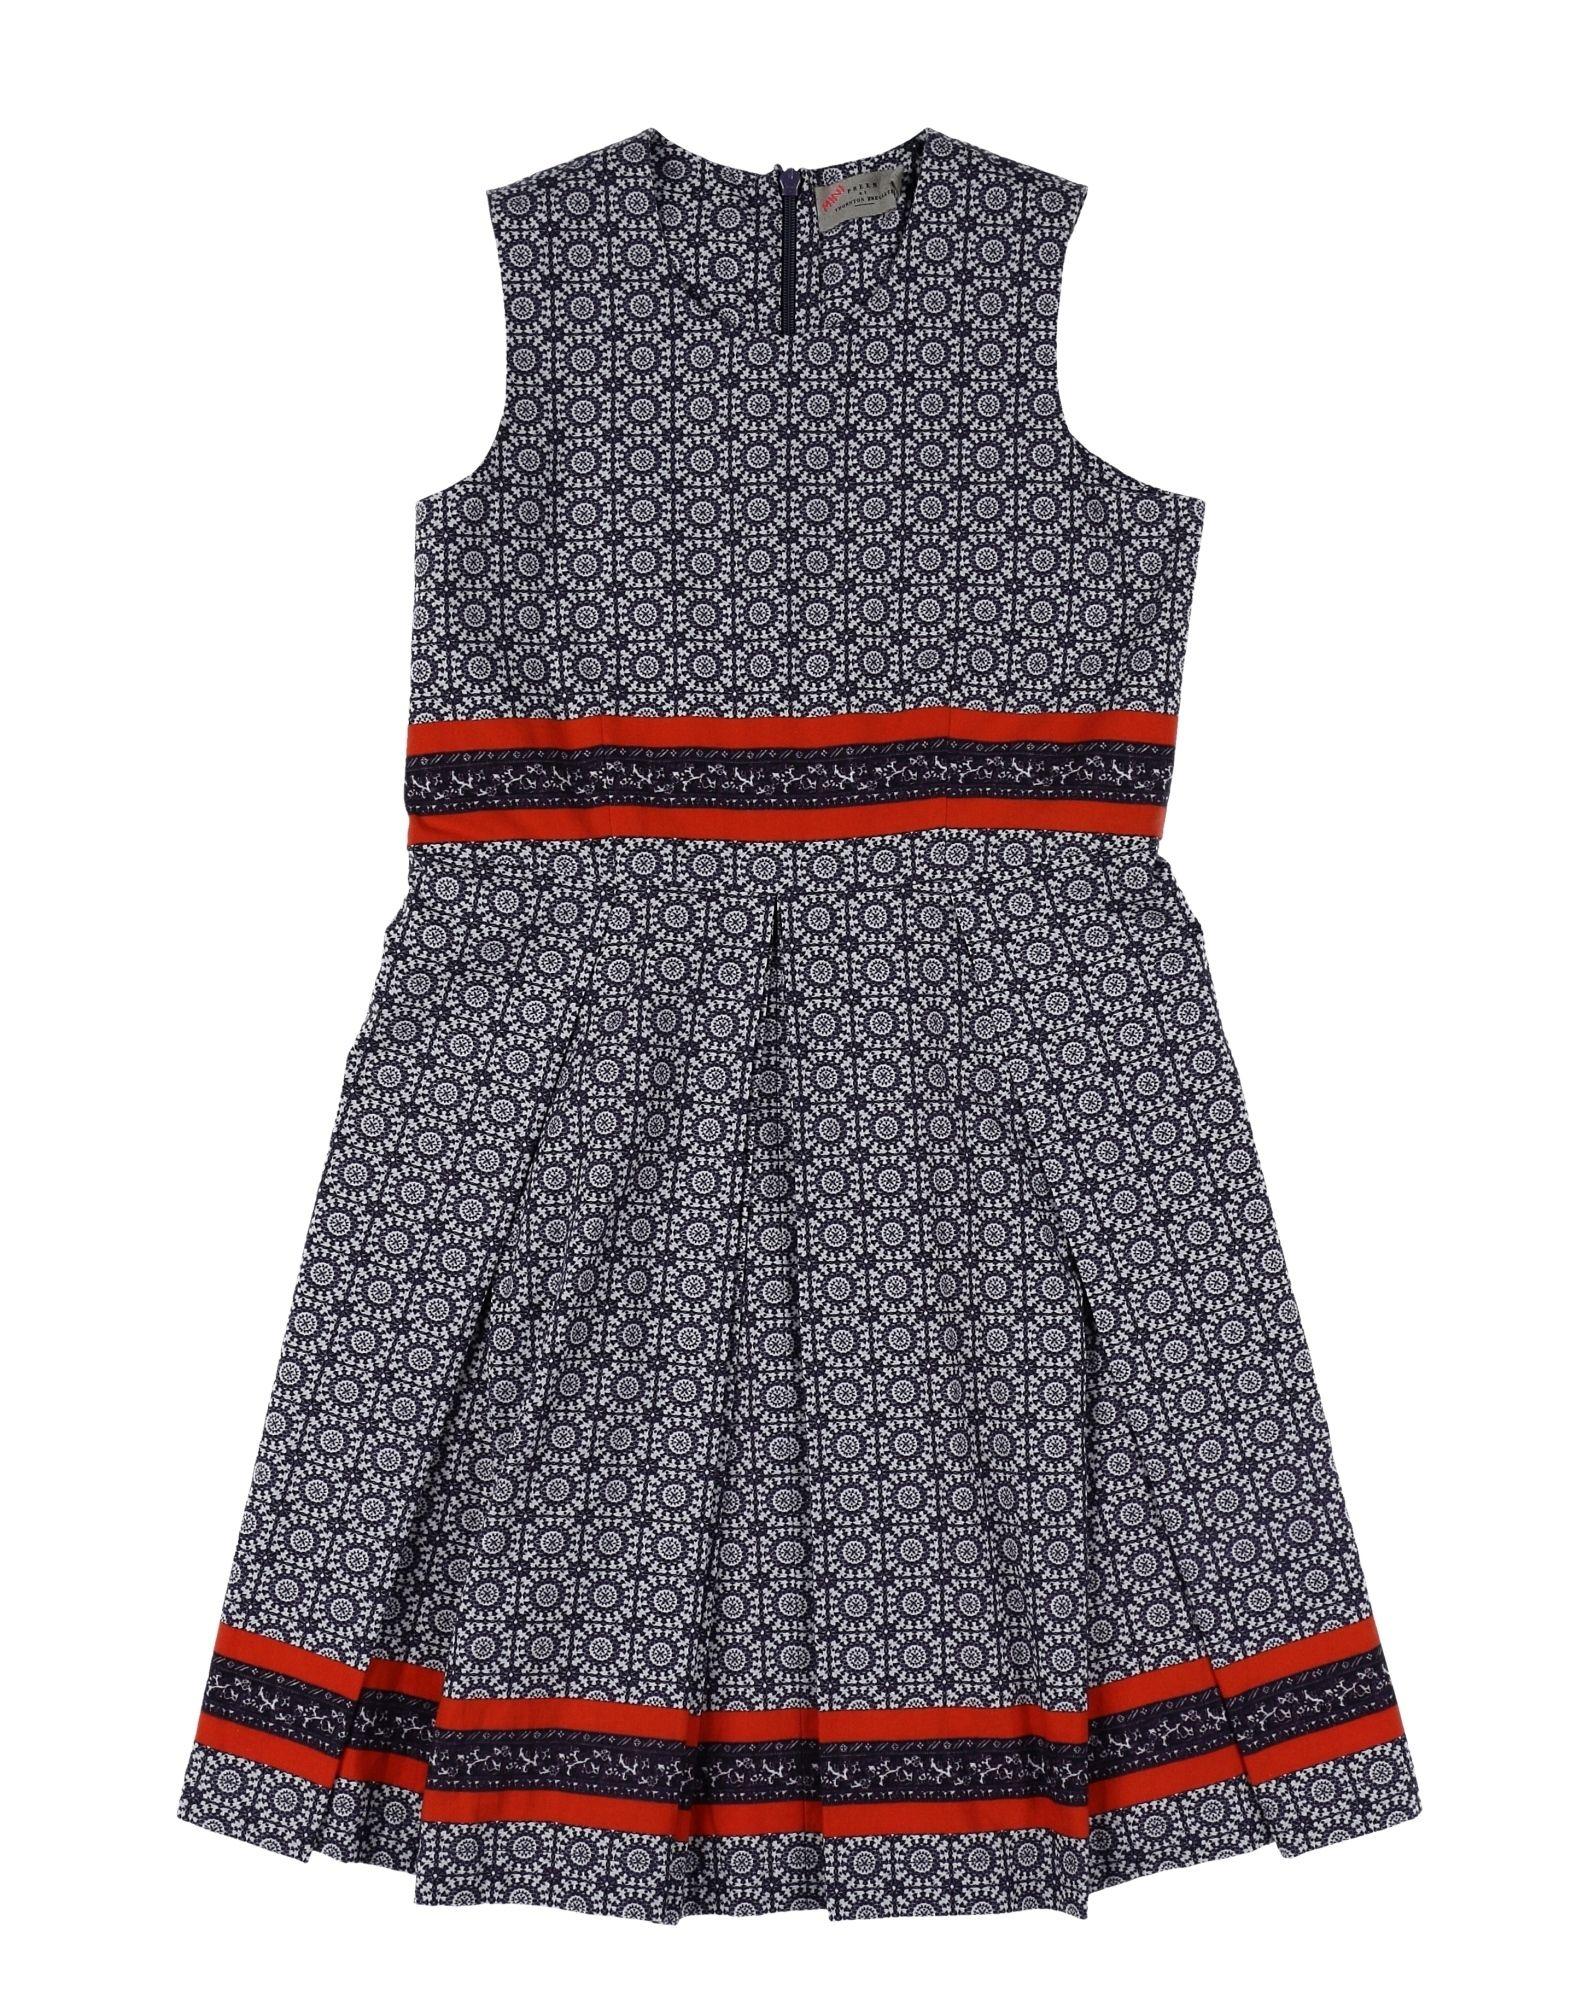 PREEN by THORNTON BREGAZZI Mädchen 3-8 jahre Kleid Farbe Dunkelblau Größe 6